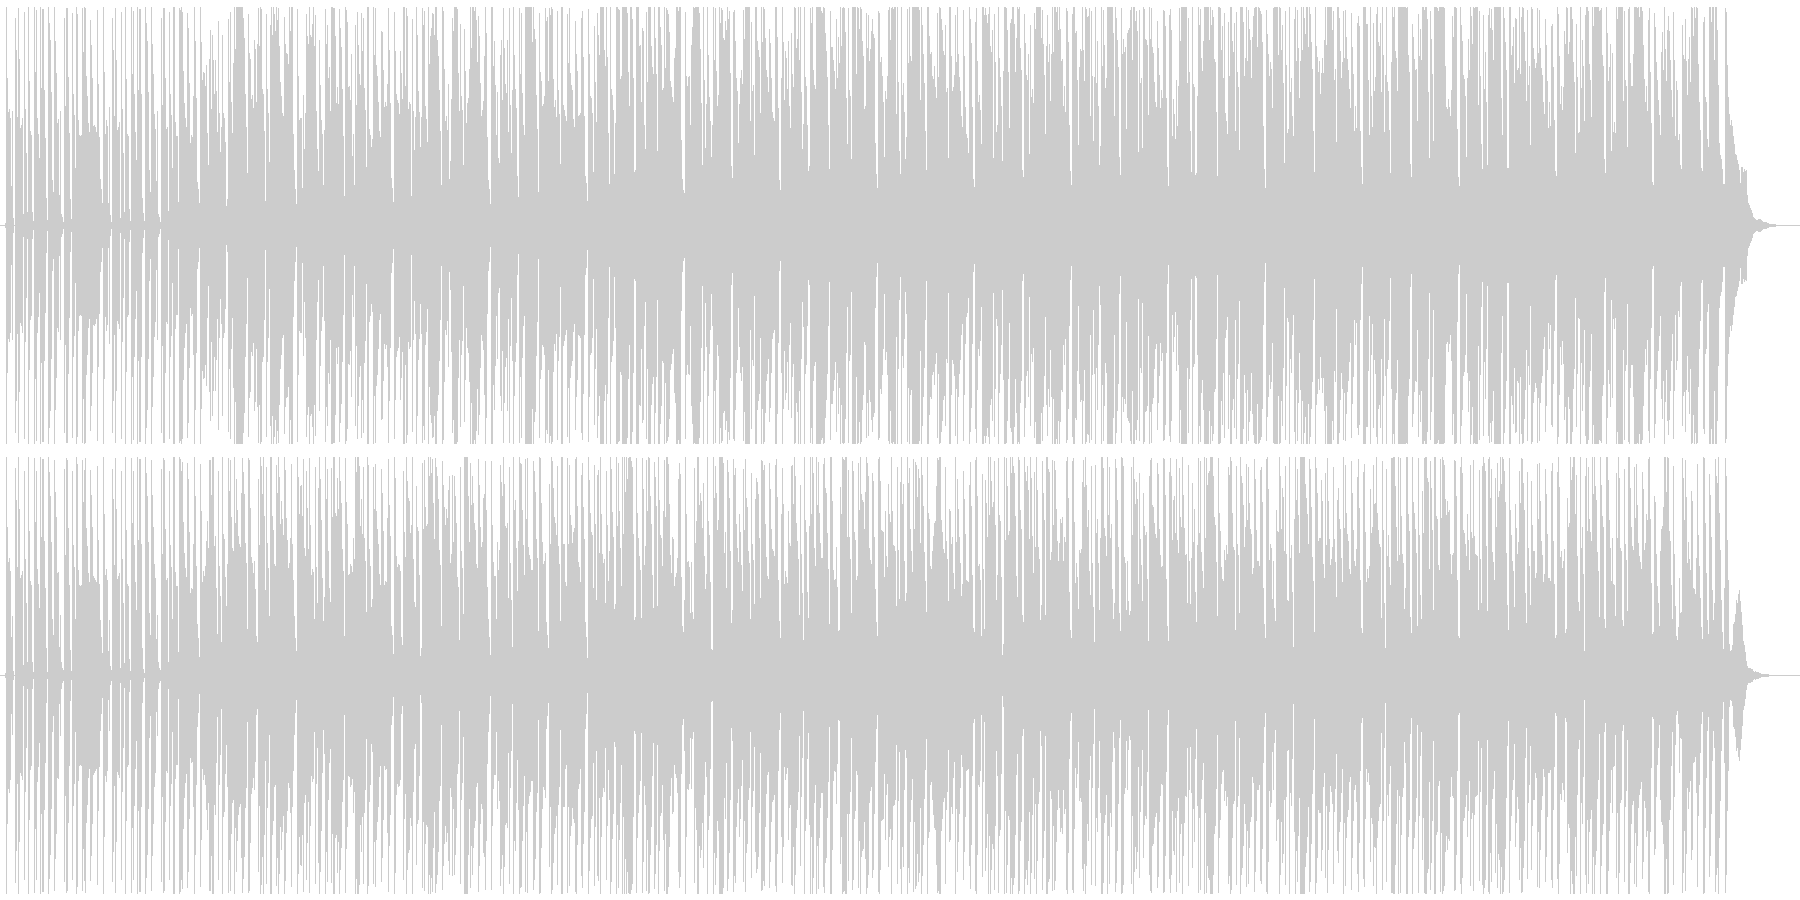 オルガンの音が浮遊感を演出するBGMの未再生の波形